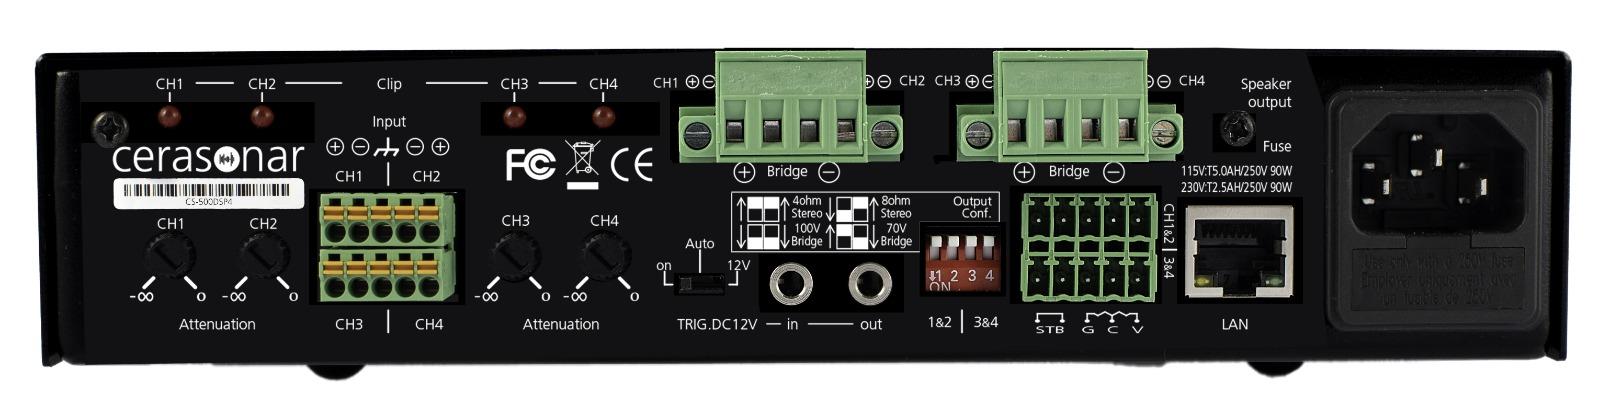 panel tylny wzmacniacza cerasonar cs500dsp4 z matrycą i dsp